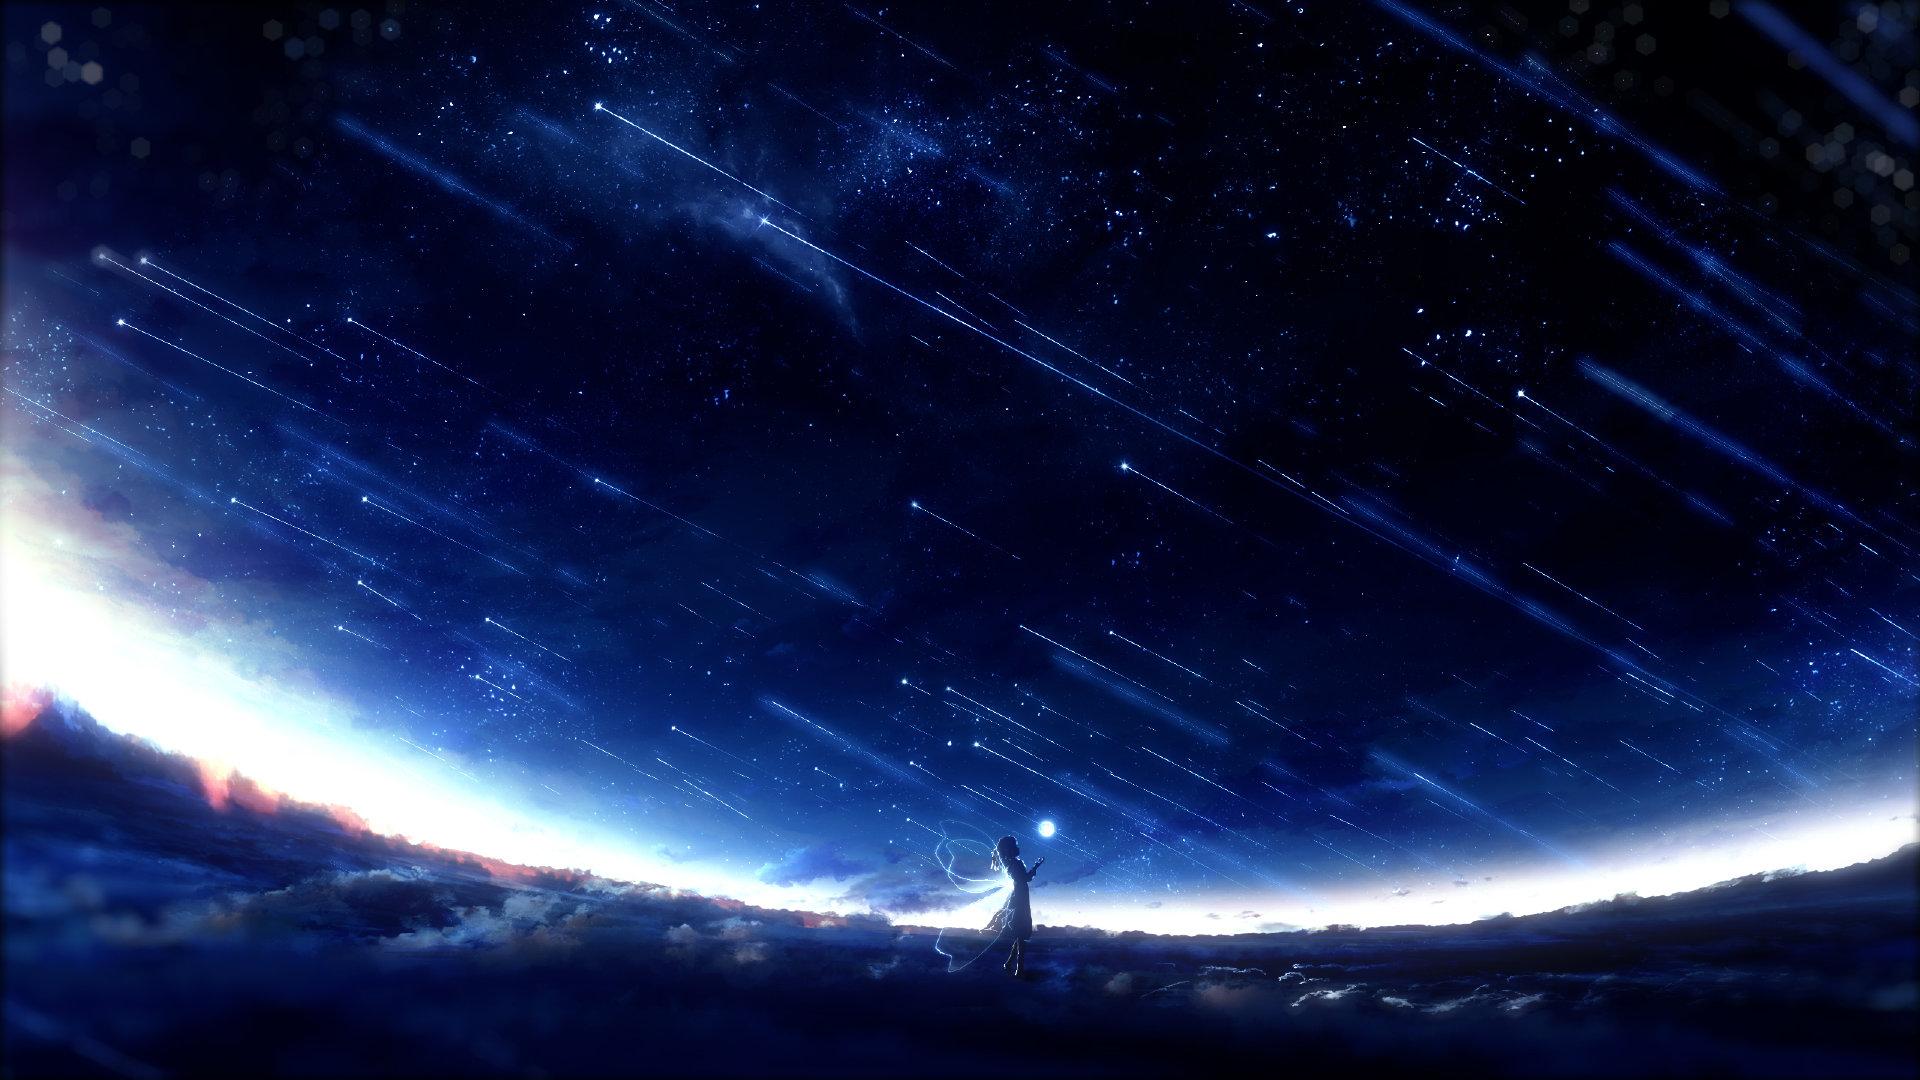 [美图推荐]夜空 星空 想念你的每个夜晚 电脑手机壁纸 手机壁纸-第10张